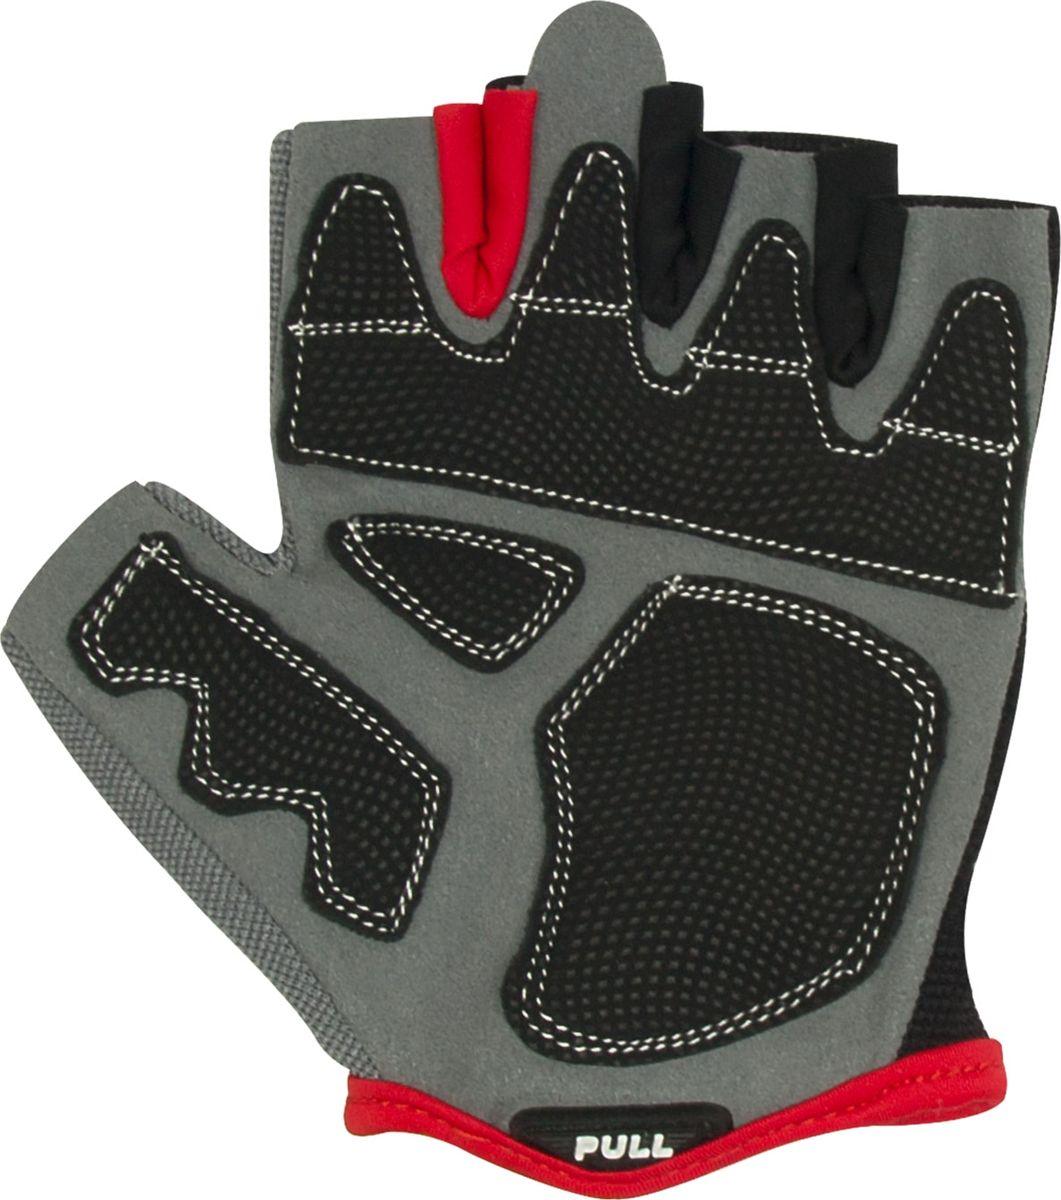 Перчатки для фитнеса Starfit SU-117, цвет: черный, серый, красный. Размер MУТ-00009552Перчатки для фитнеса Star Fit SU-117 необходимы для безопасной тренировки со снарядами (грифы, гантели), во время подтягиваний и отжиманий. Они минимизируют риск мозолей и ссадин на ладонях. Перчатки выполнены из искусственной кожи и спандекса.